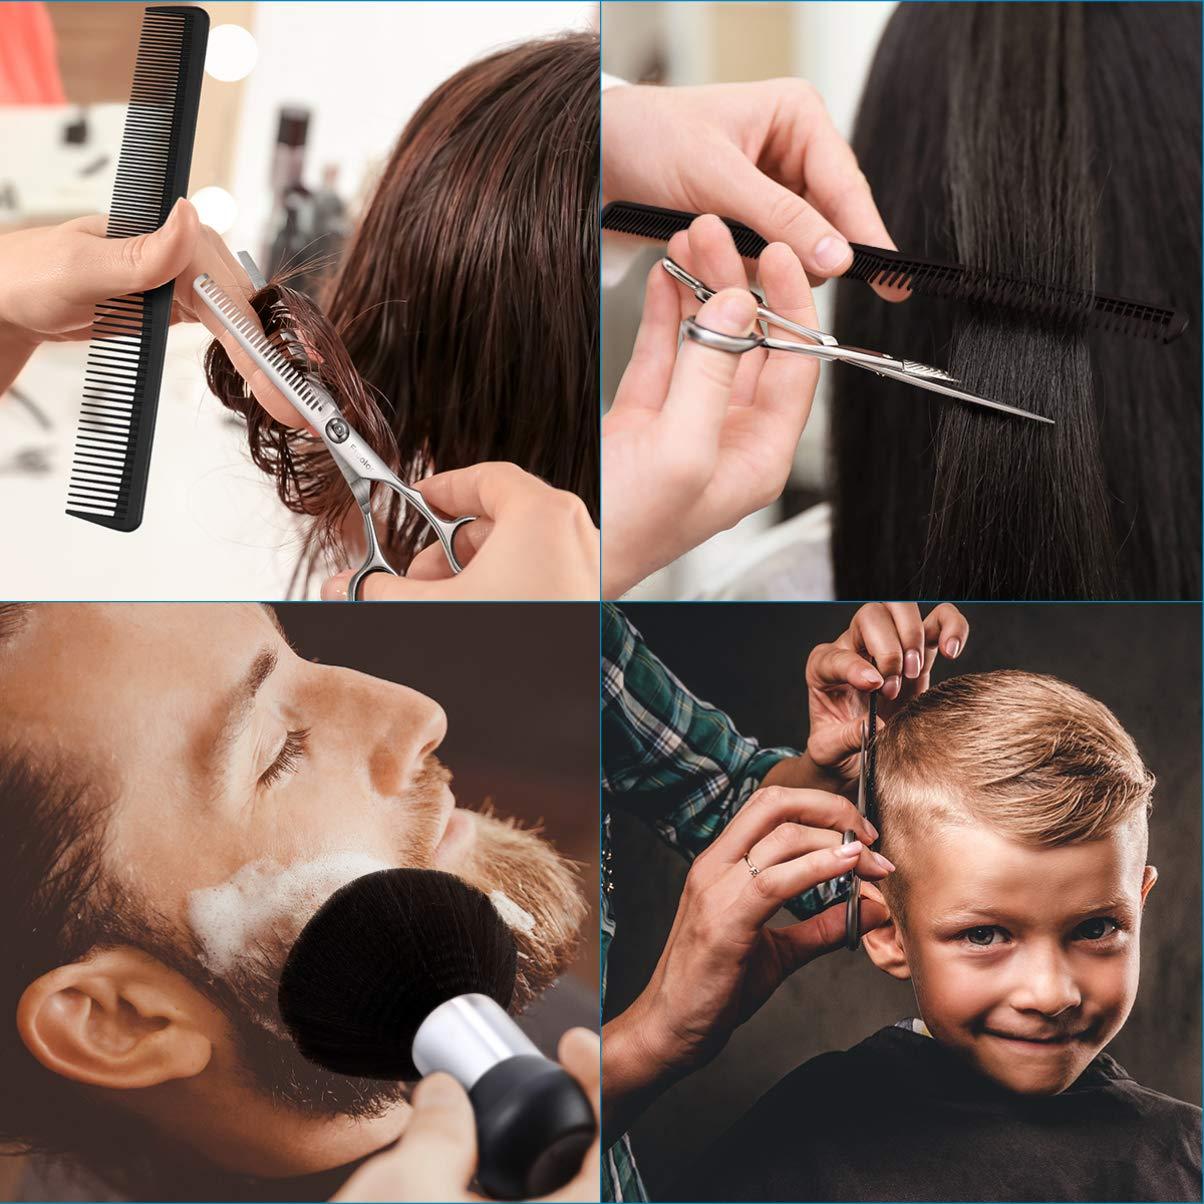 Hair Cutting Scissors Set 6.7 Inch, 9 Pcs Stainless Steel Hair Cutting Shears Hairdressing Scissors Professional Hair Shear Kit